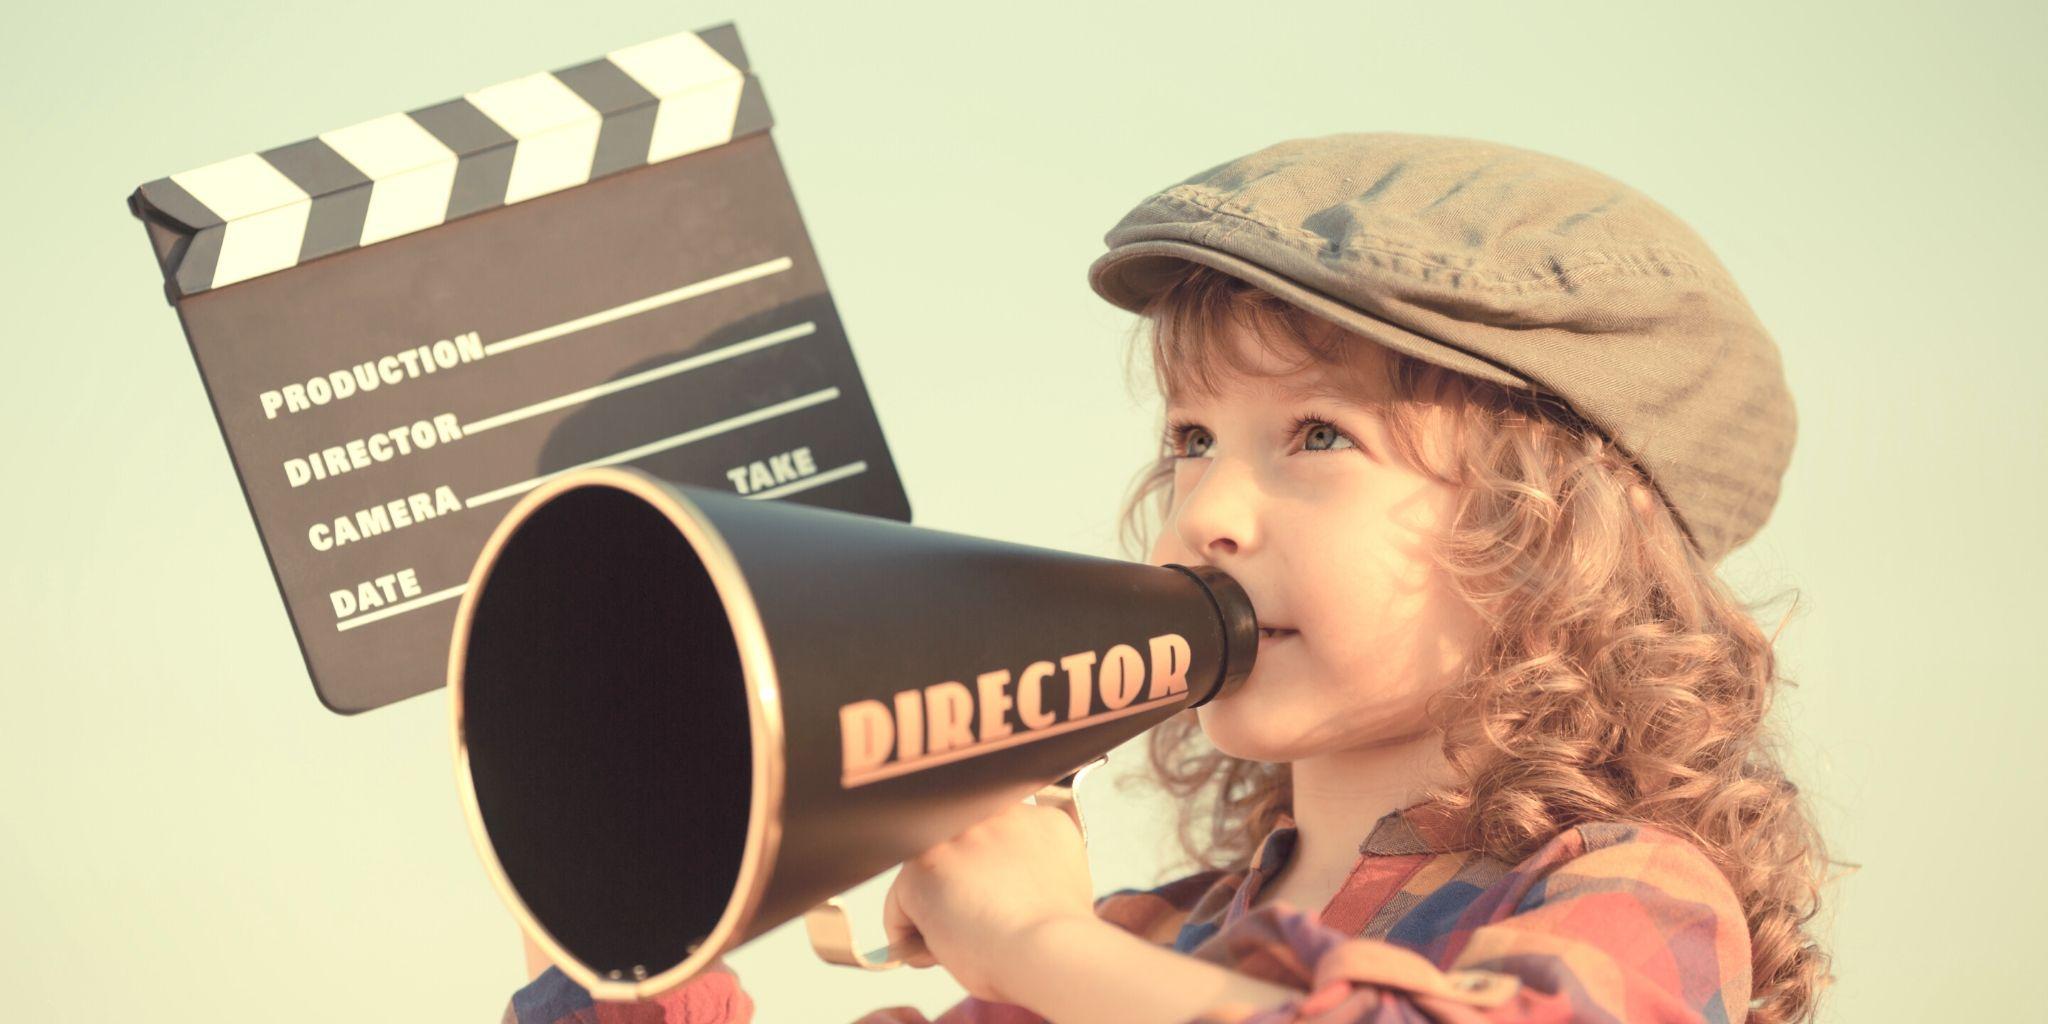 Co sprawia, że filmy są dobre lub złe dla rozwoju Twojego dziecka